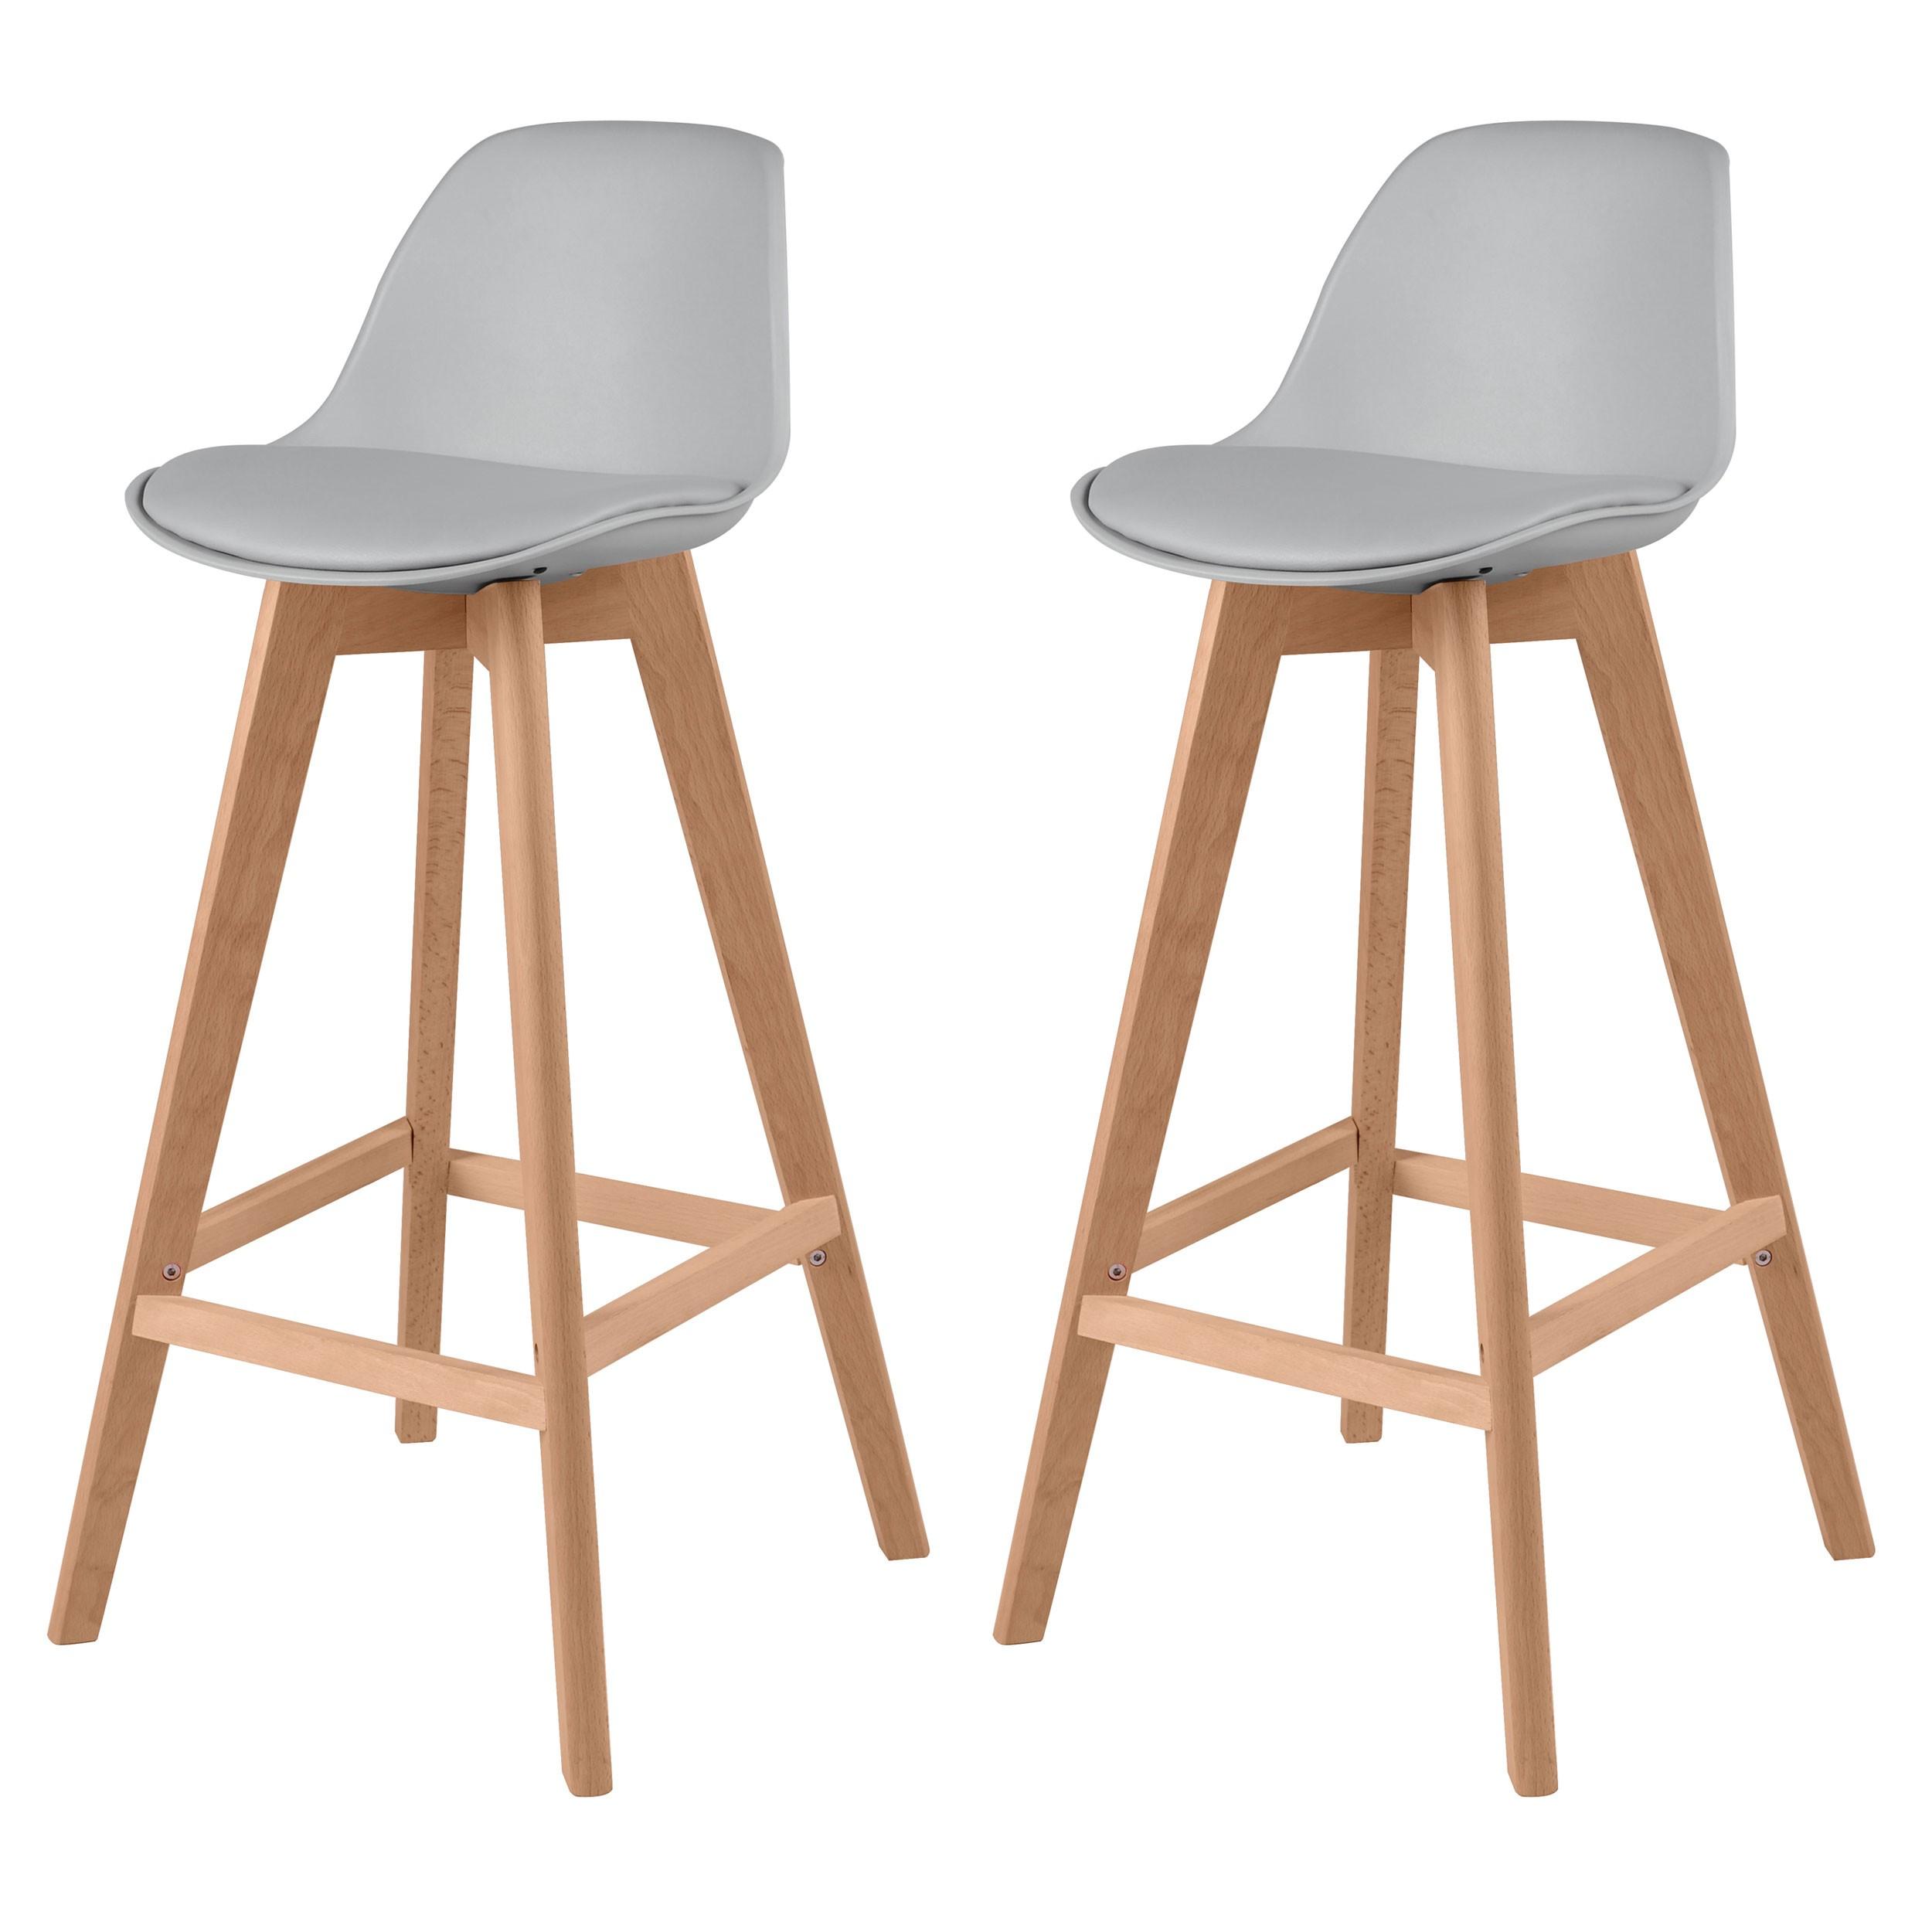 chaise de bar scandinave grise